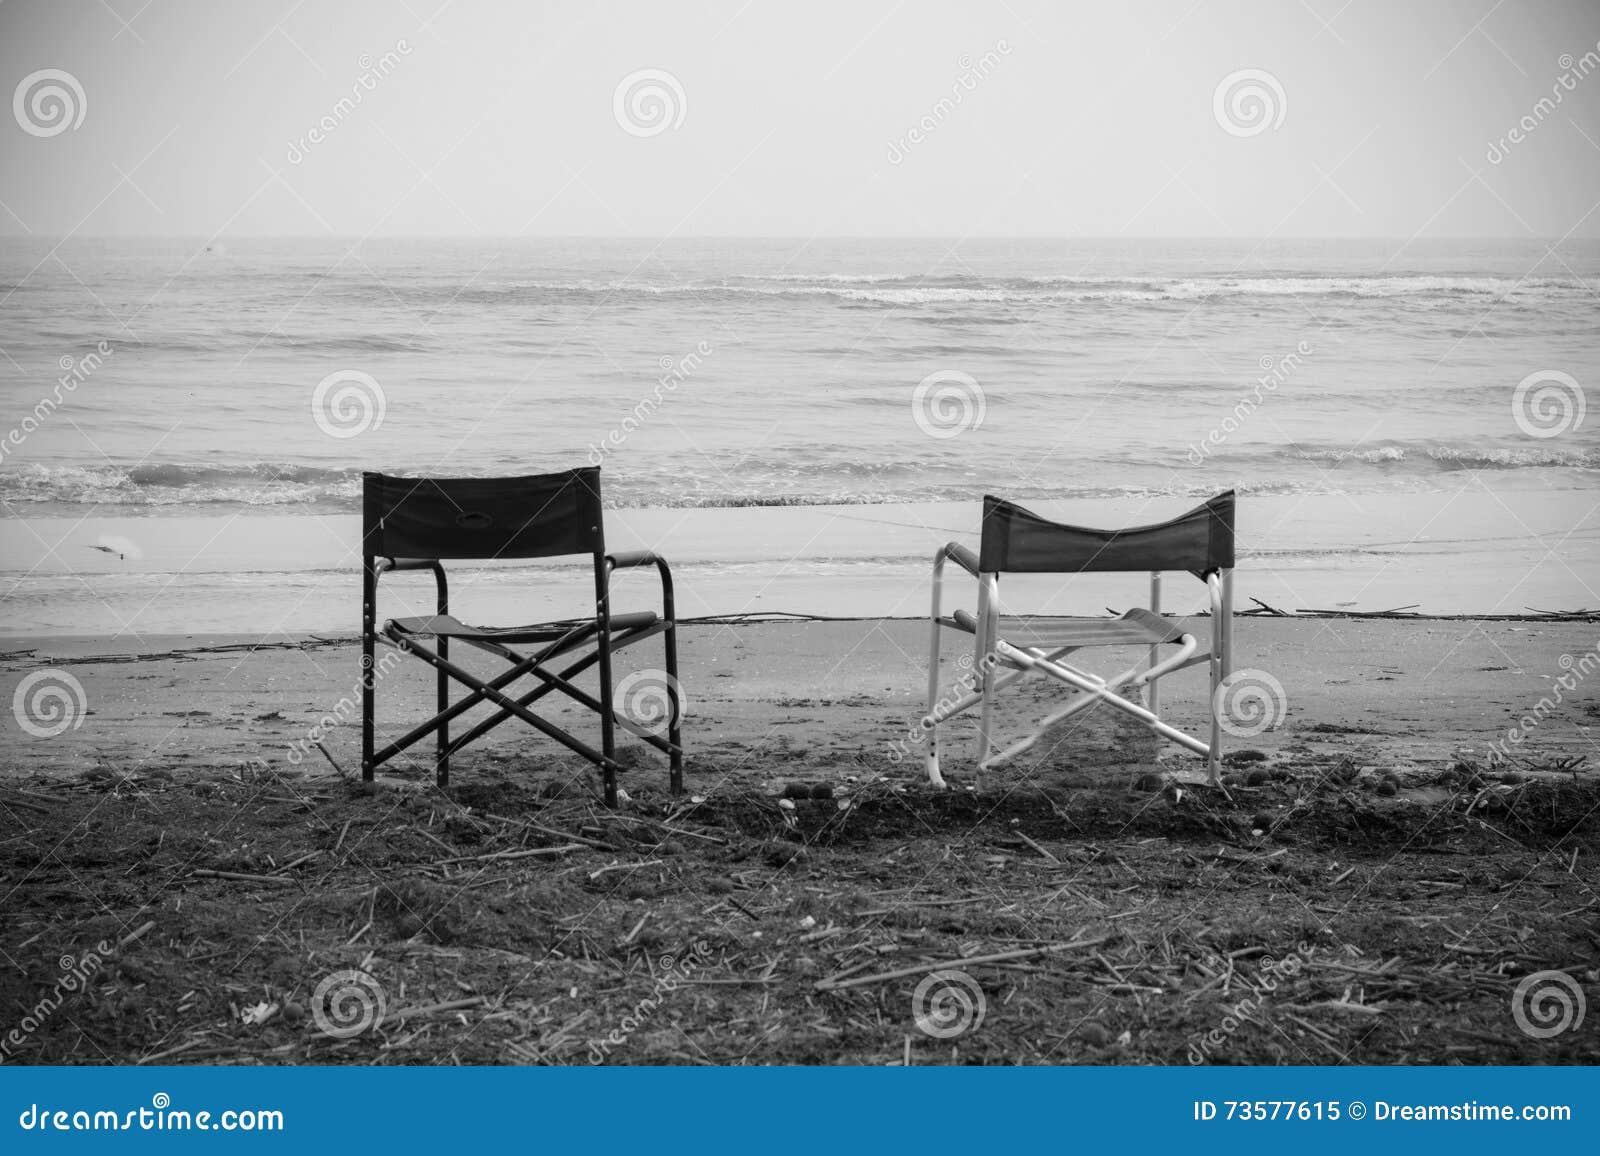 Le Sedie Vuote.Sedie Vuote Davanti Al Mare Immagine Stock Immagine Di